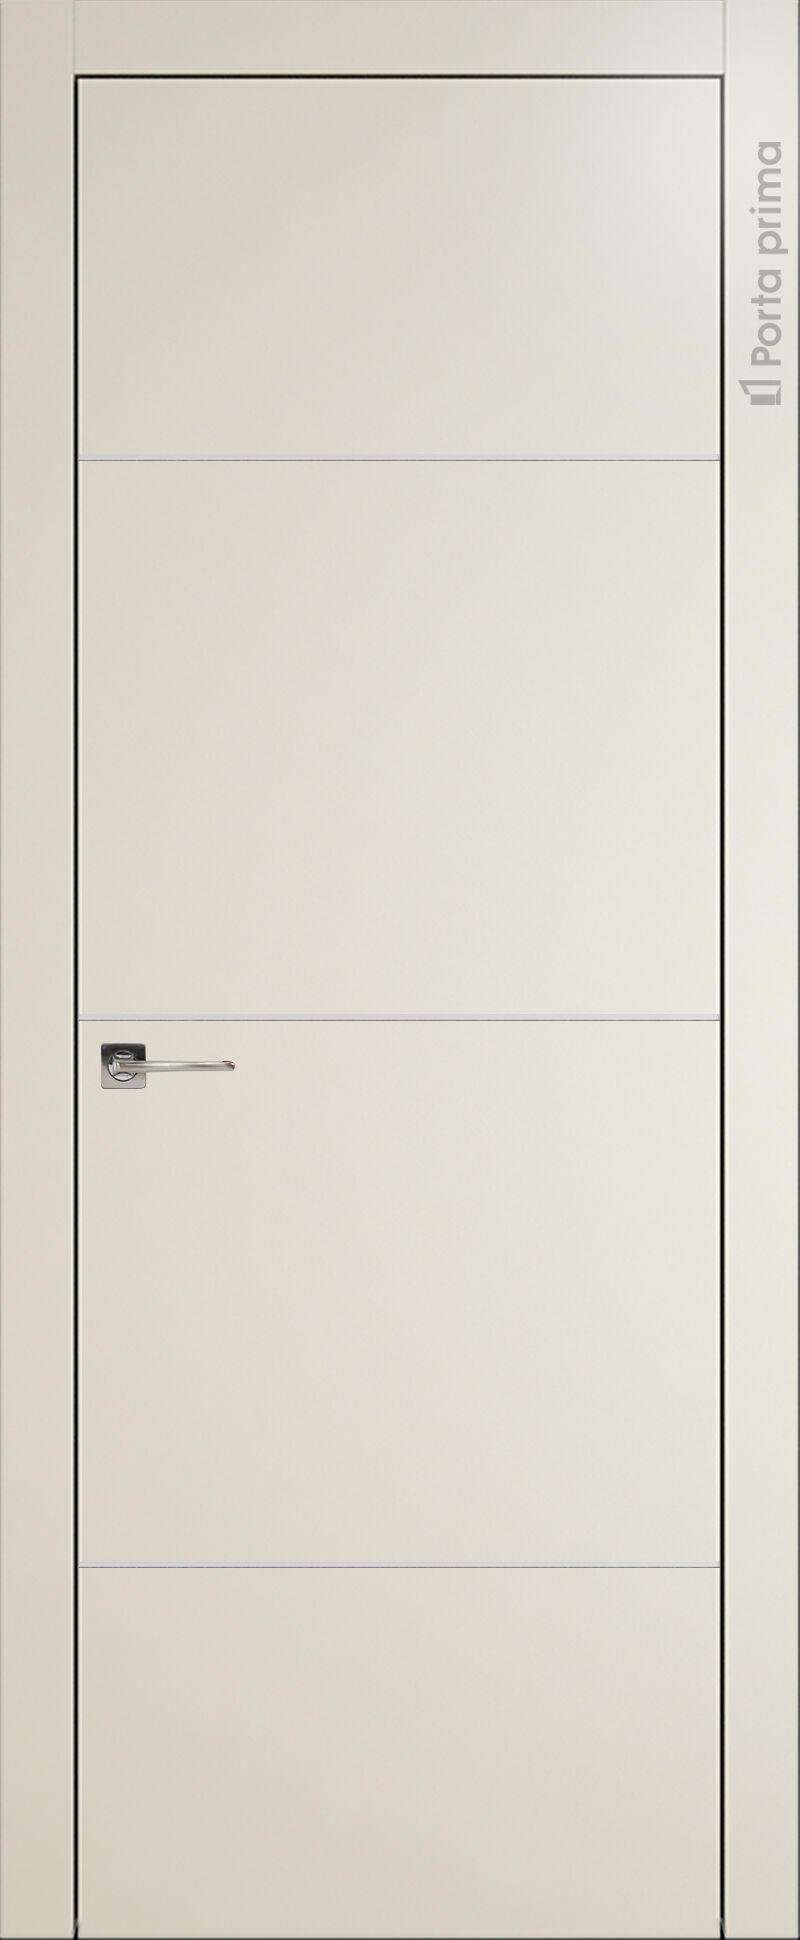 Tivoli Г-3 цвет - Жемчужная эмаль (RAL 1013) Без стекла (ДГ)